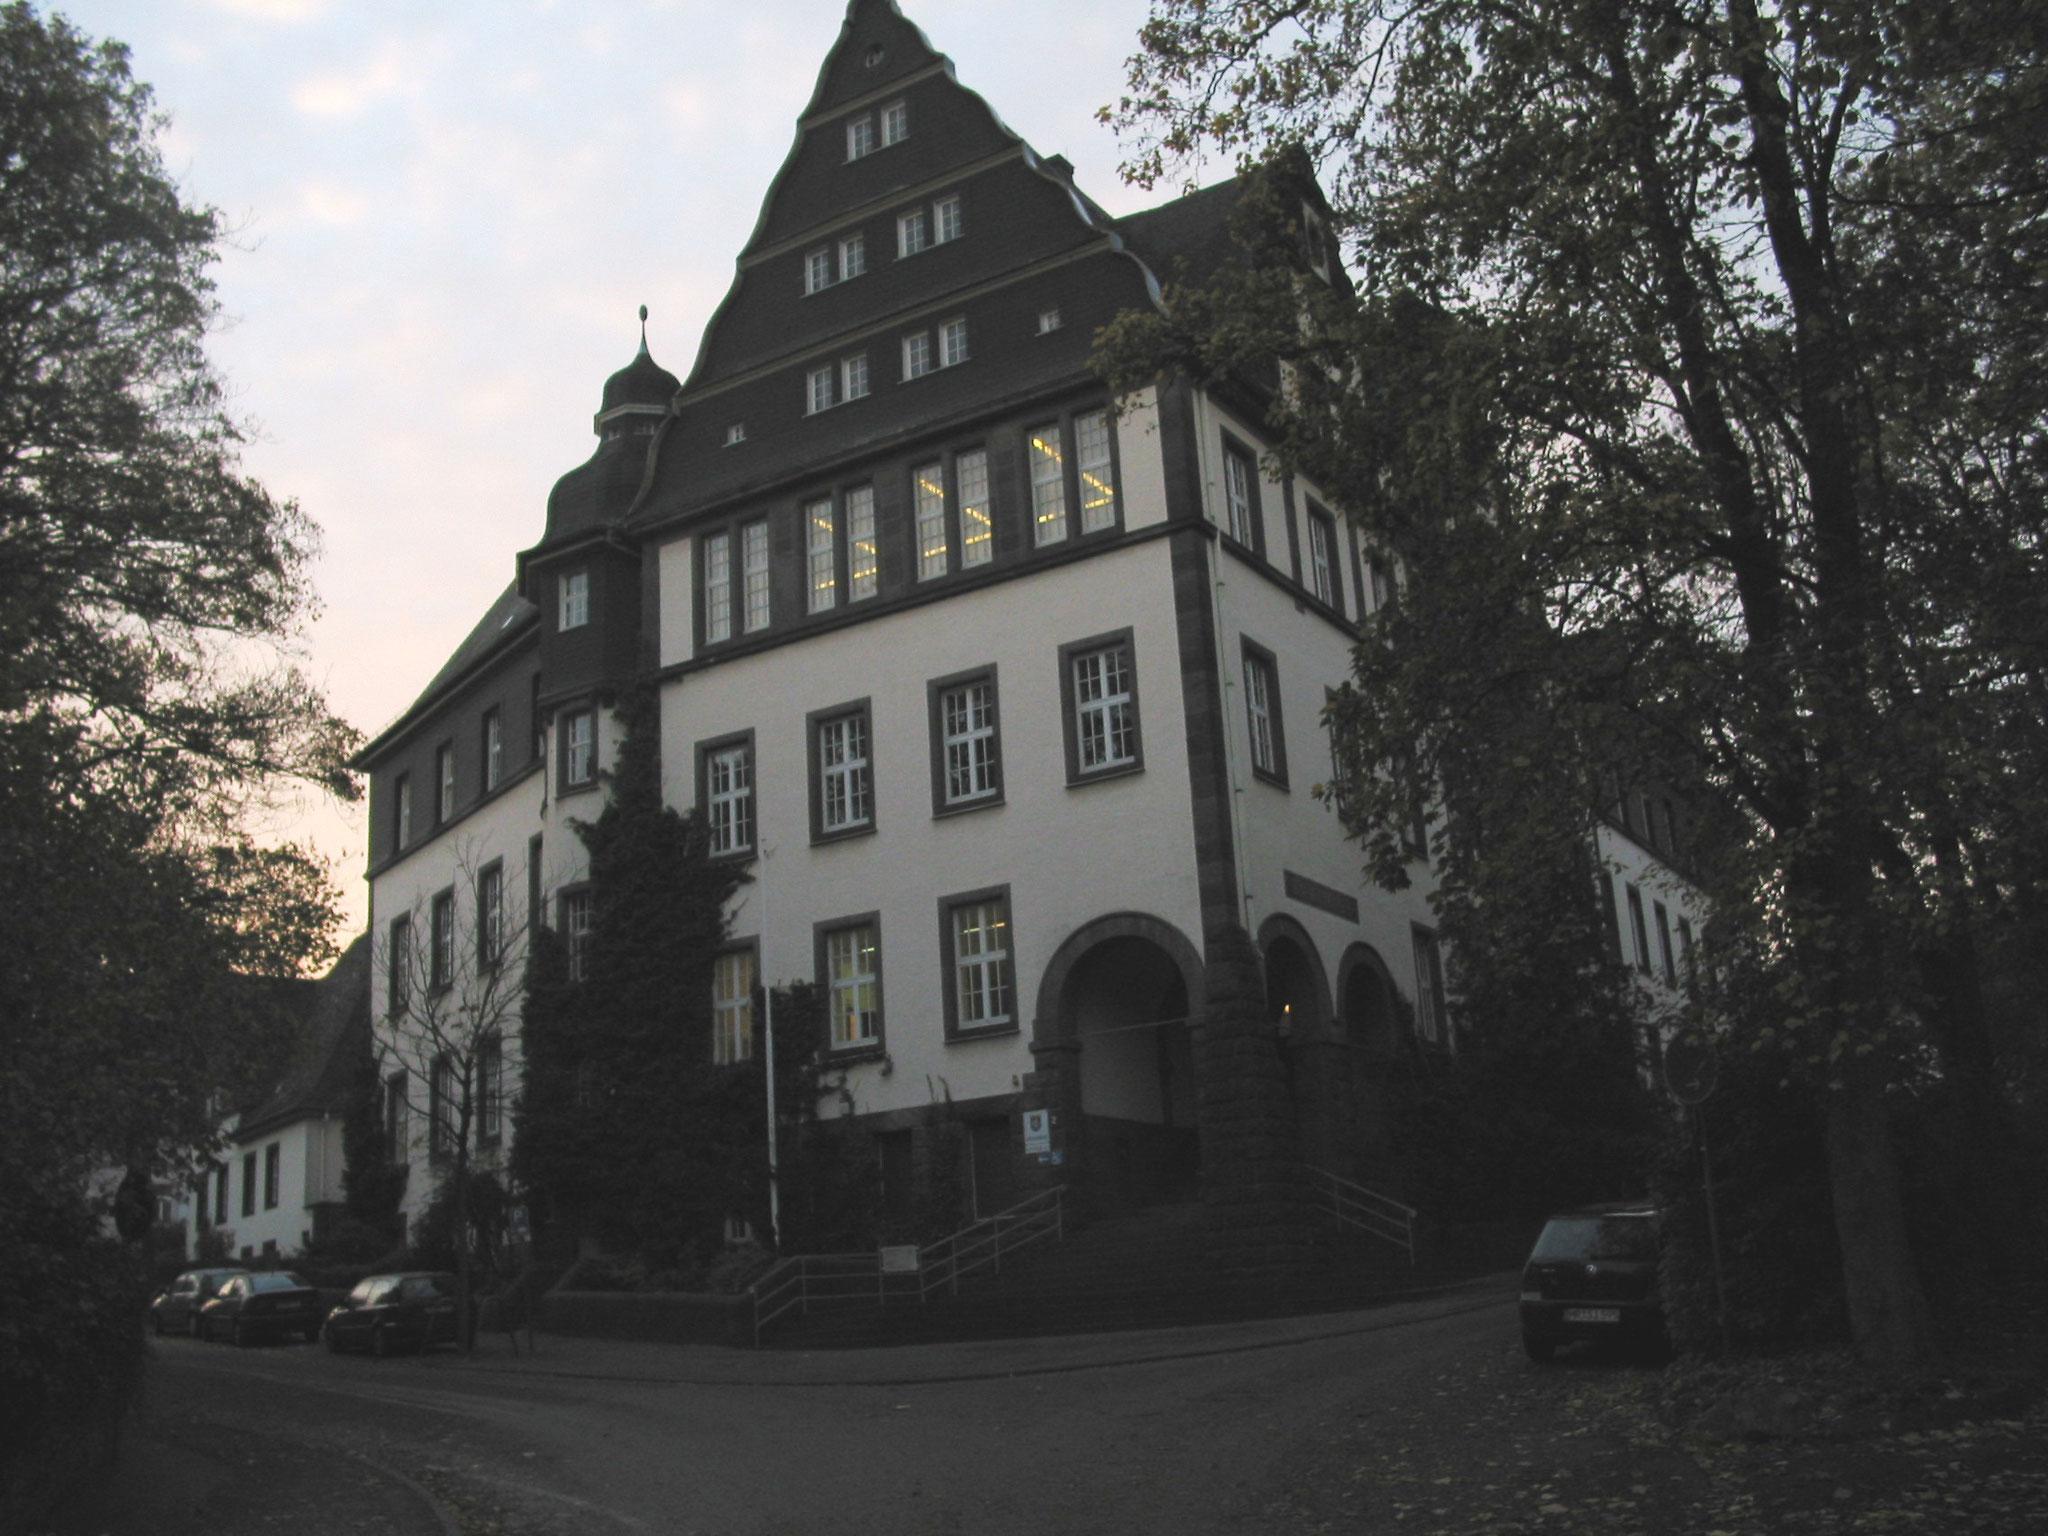 Hessisches Baumanagement; Amtsgericht Wetzlar